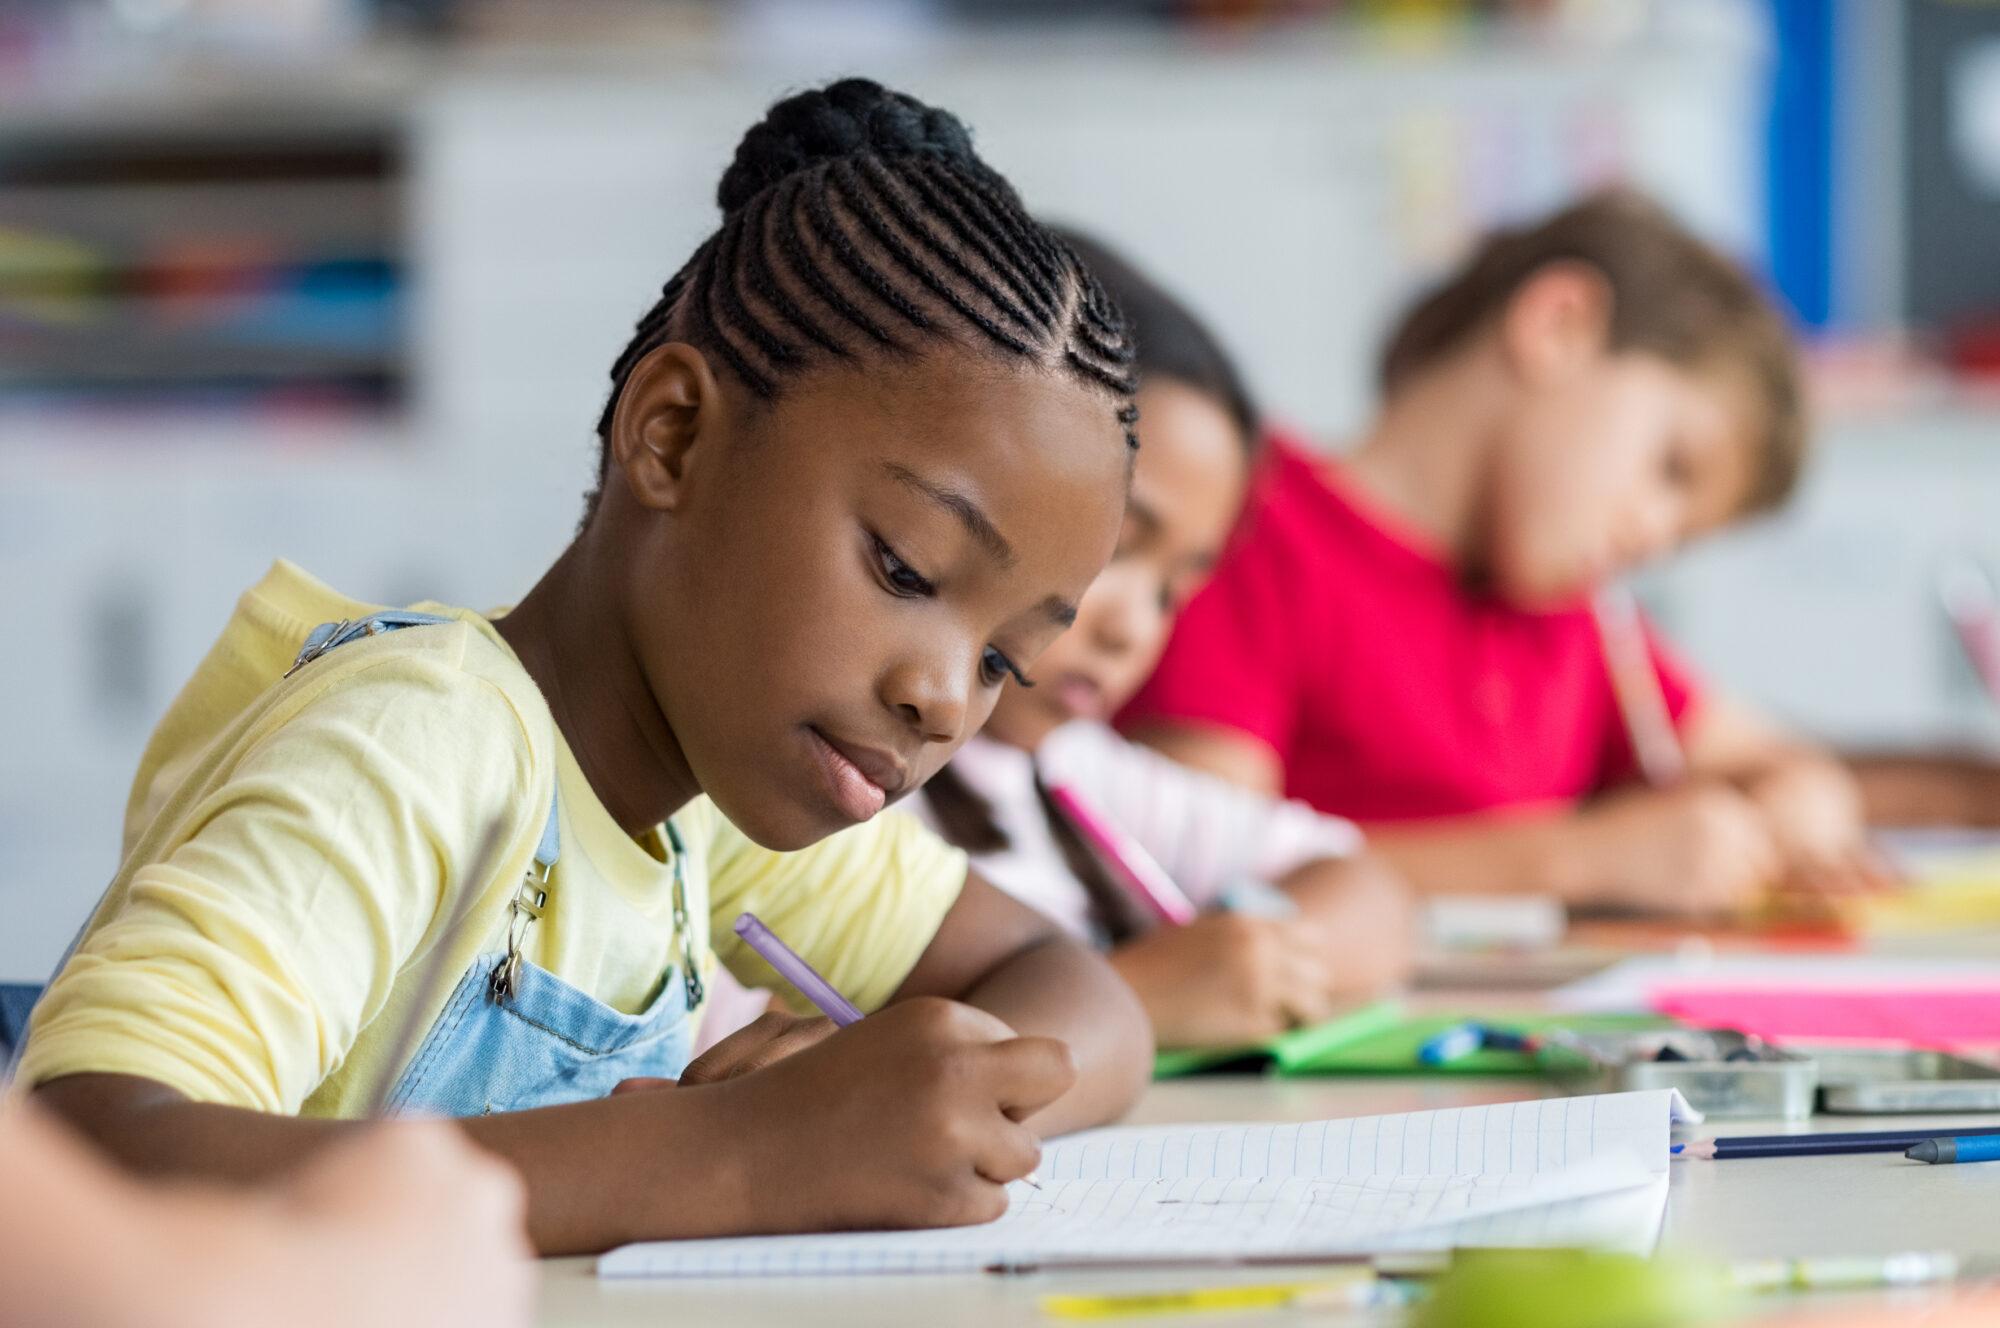 Hulp bij achterstand op school